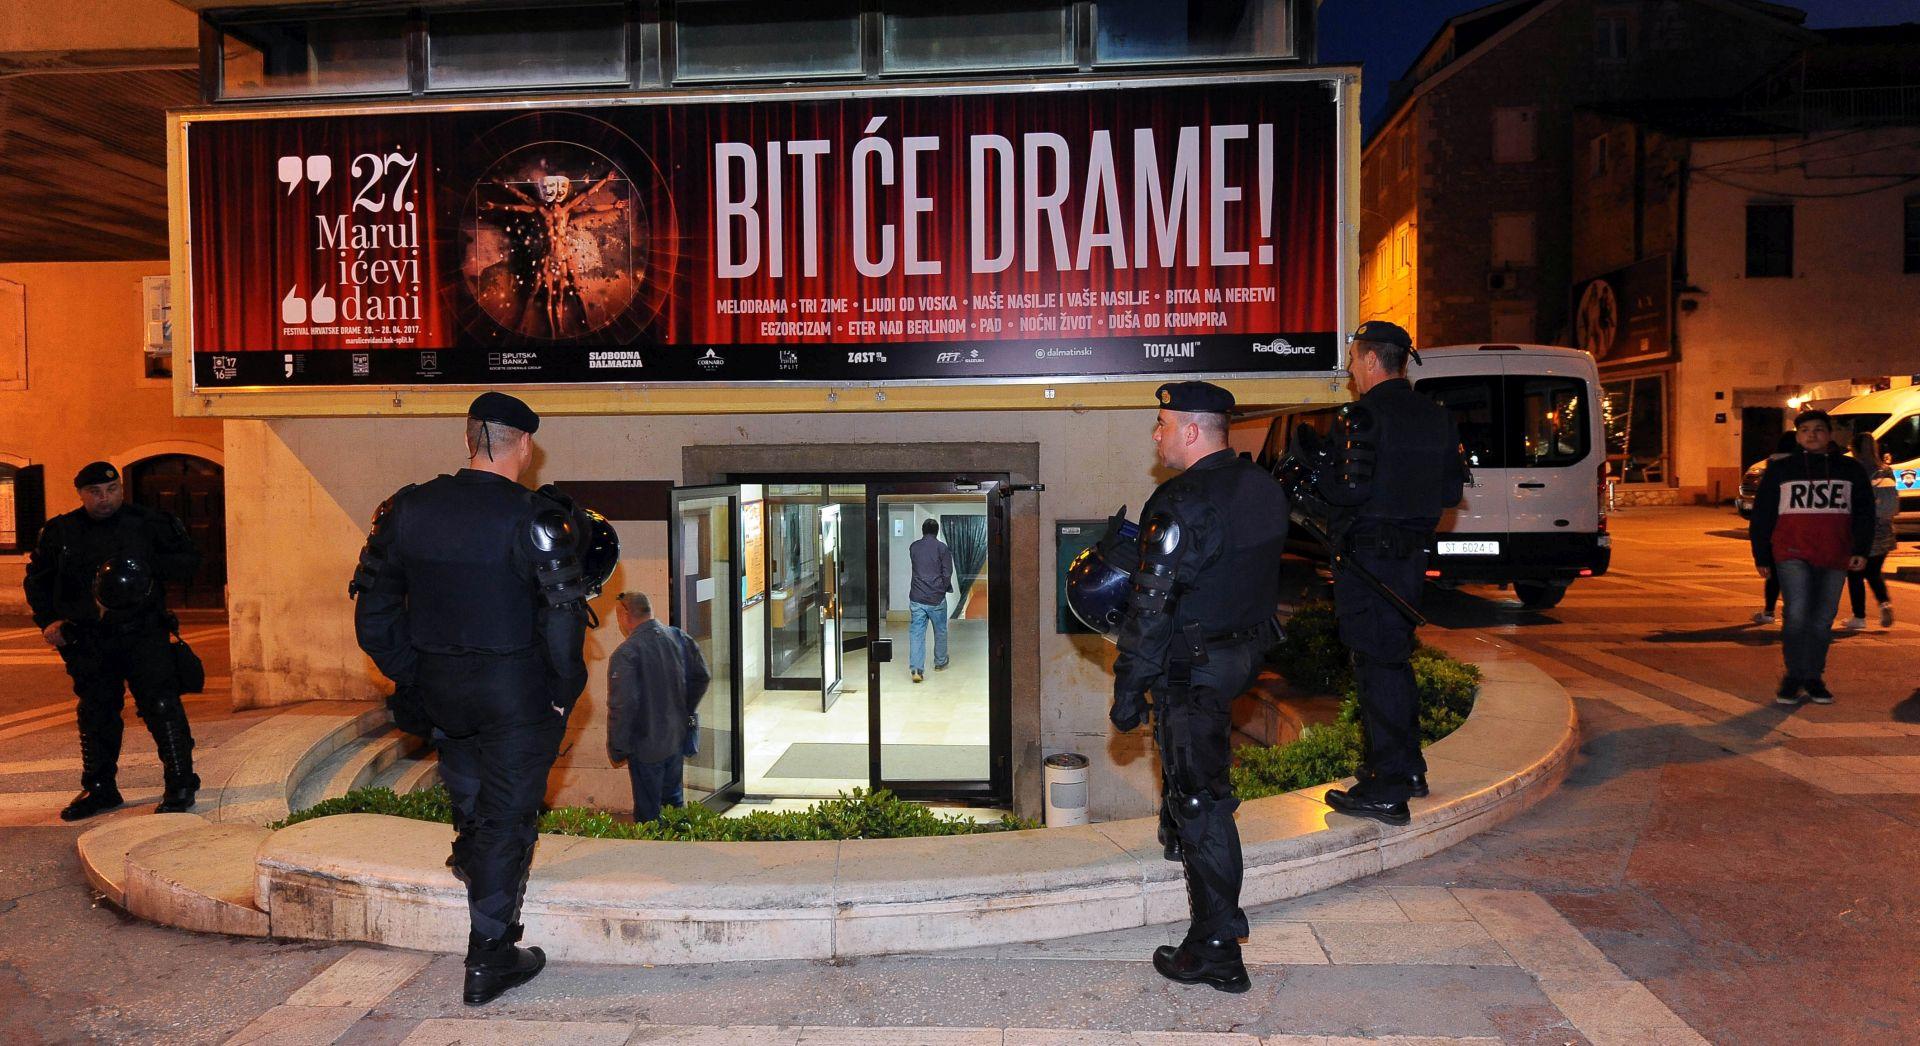 SPLIT Nakon prosvjeda protiv Frljićeve predstave optužni prijedlozi protiv 18 osoba